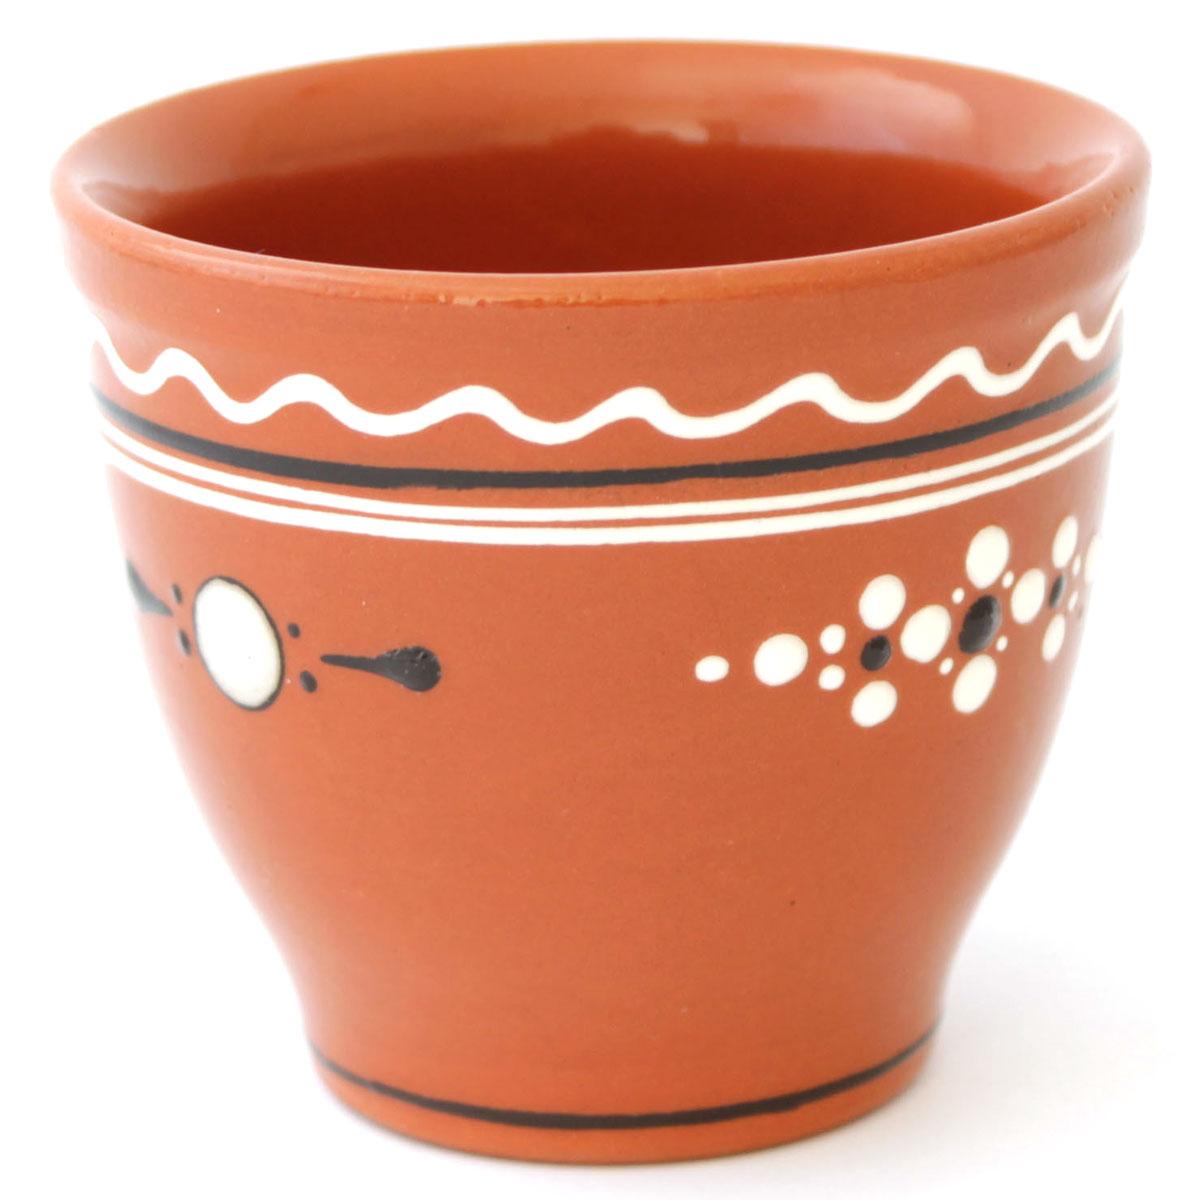 Солонка Ломоносовская керамика, 170 млЛ0732Солонка Ломоносовская керамика изготовлена из высококачественной глины с глазурованным покрытием. Такая солонка украсит сервировку вашего стола и подчеркнет прекрасный вкус хозяйки, а также станет отличным подарком.